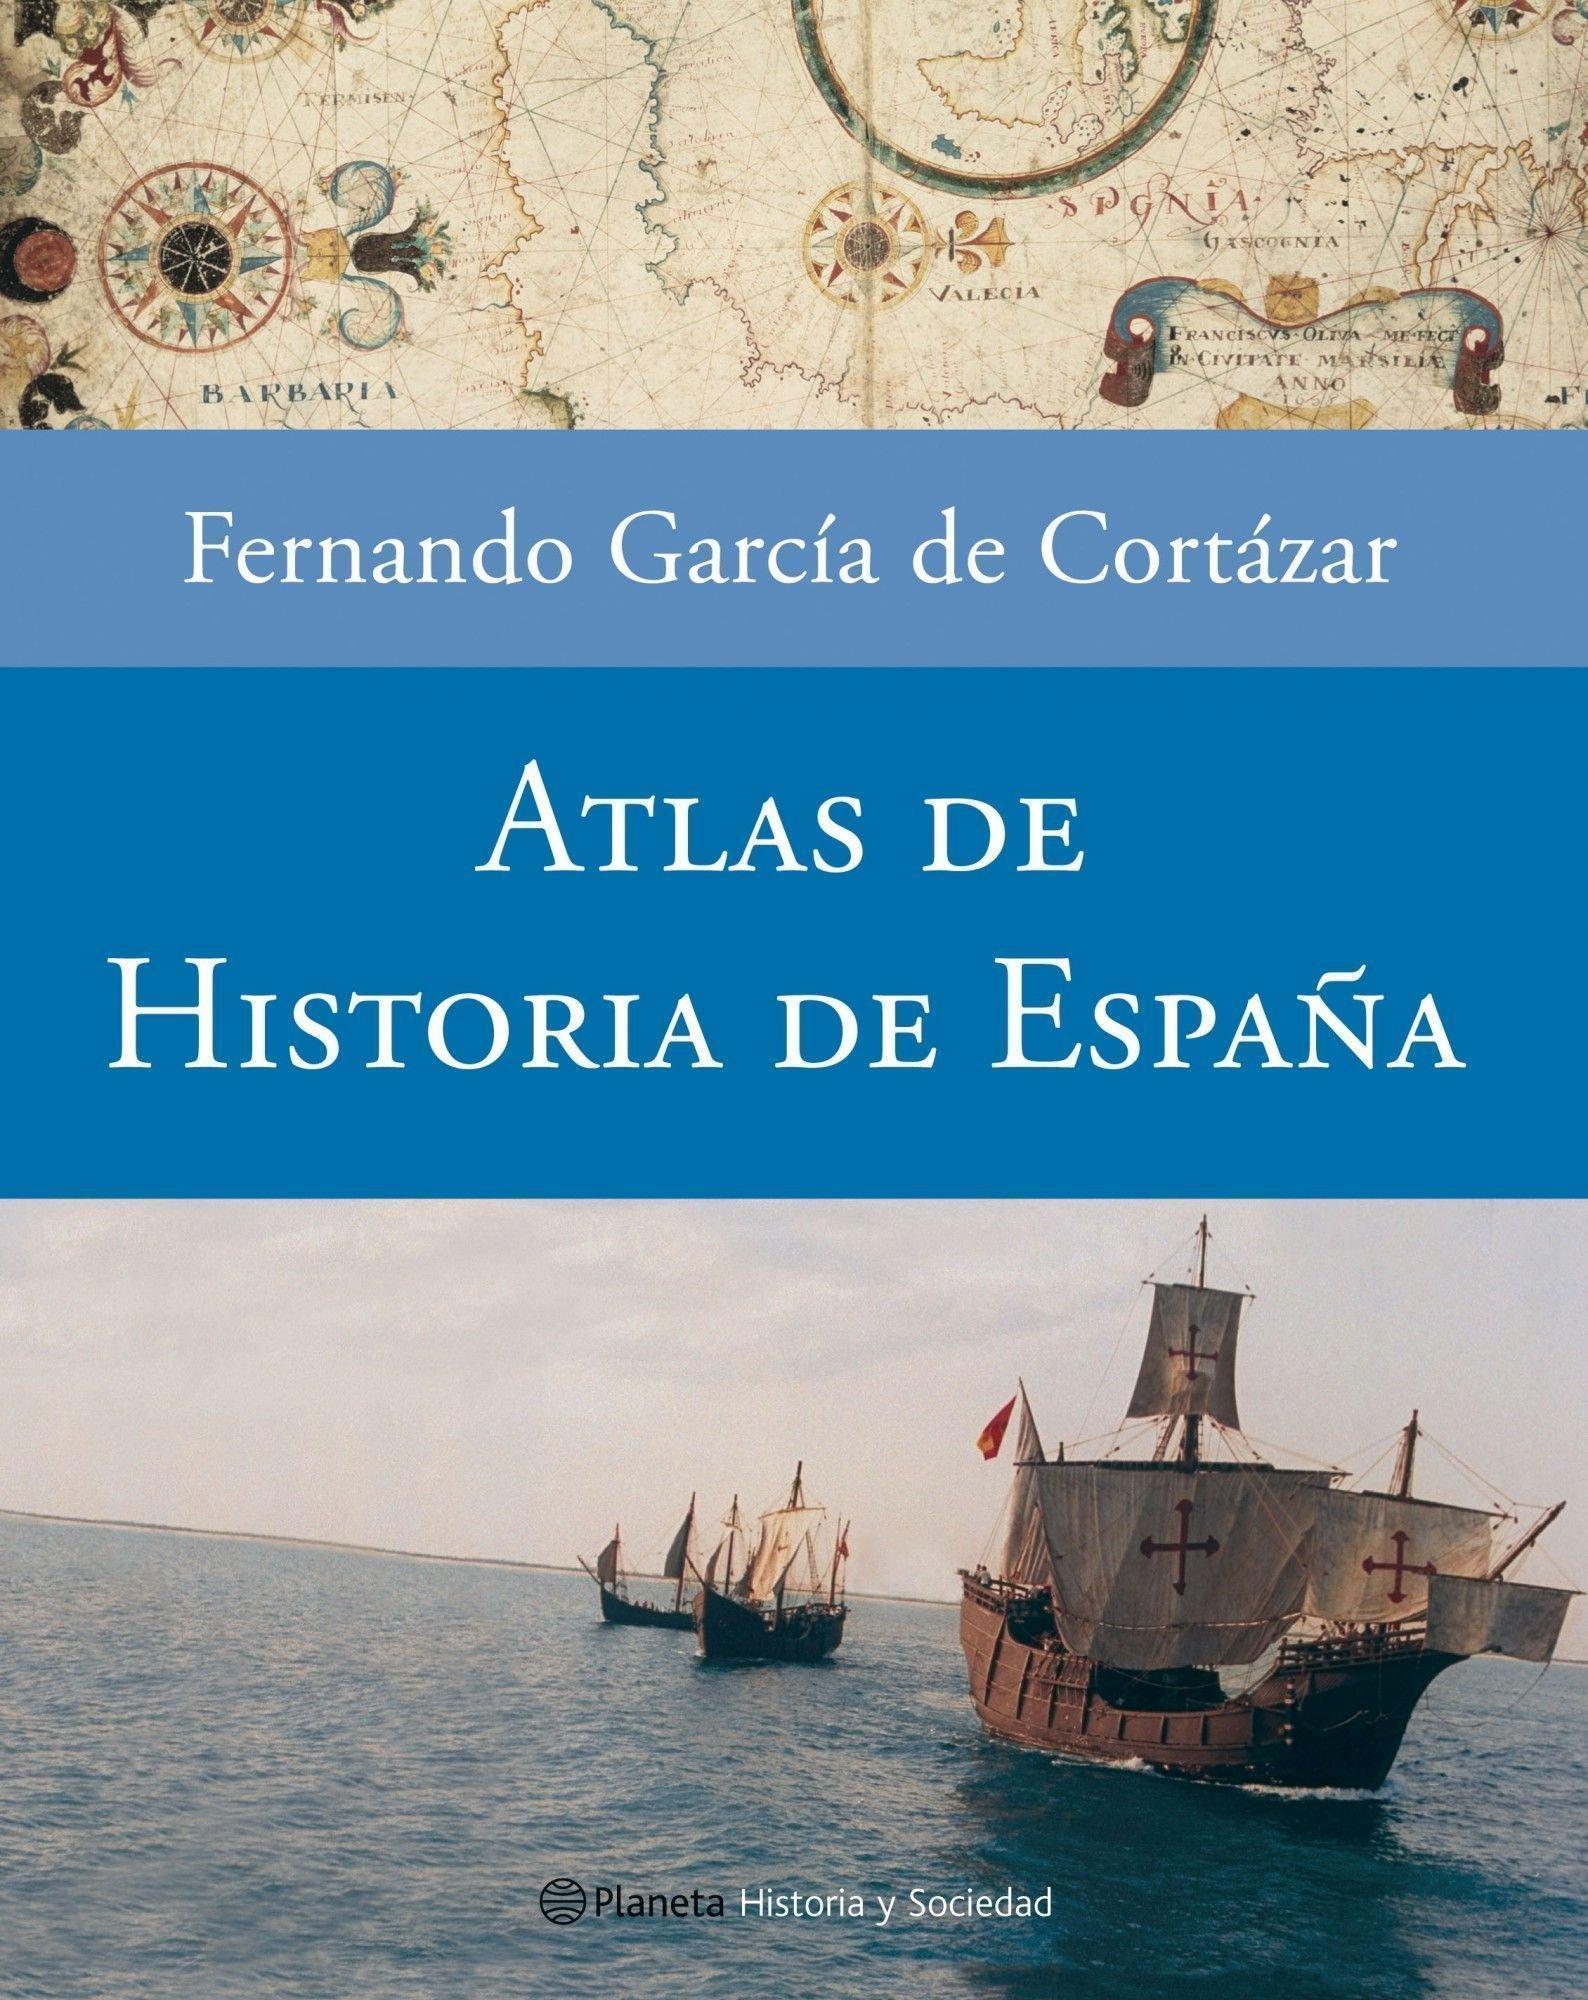 Atlas de Historia de España (Historia y Sociedad): Amazon.es: García de Cortázar, Fernando: Libros